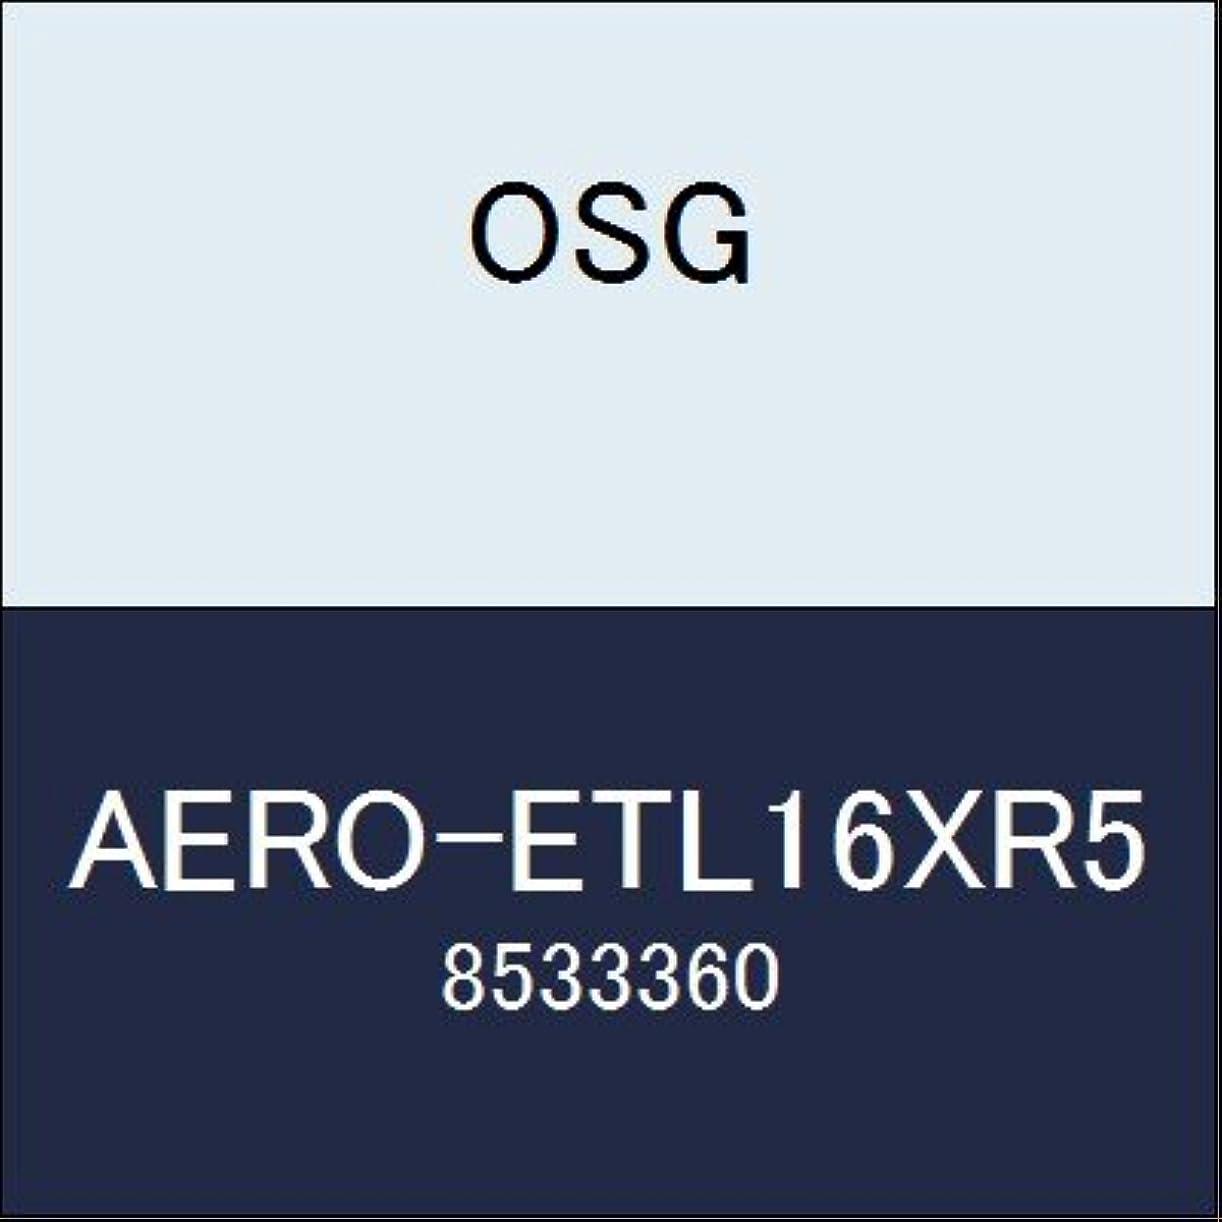 ハンサム男やもめペストリーOSG エンドミル AERO-ETL16XR5 商品番号 8533360